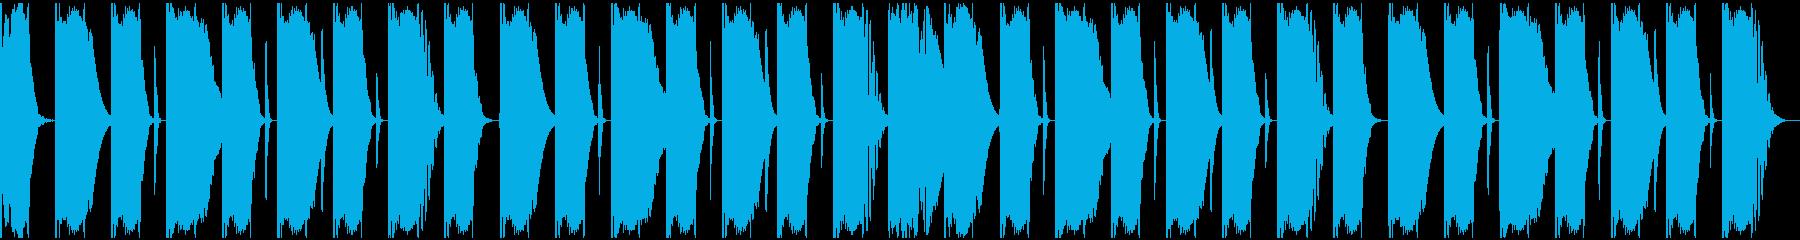 【エレクトロニカ】ロング2、ジングル2の再生済みの波形